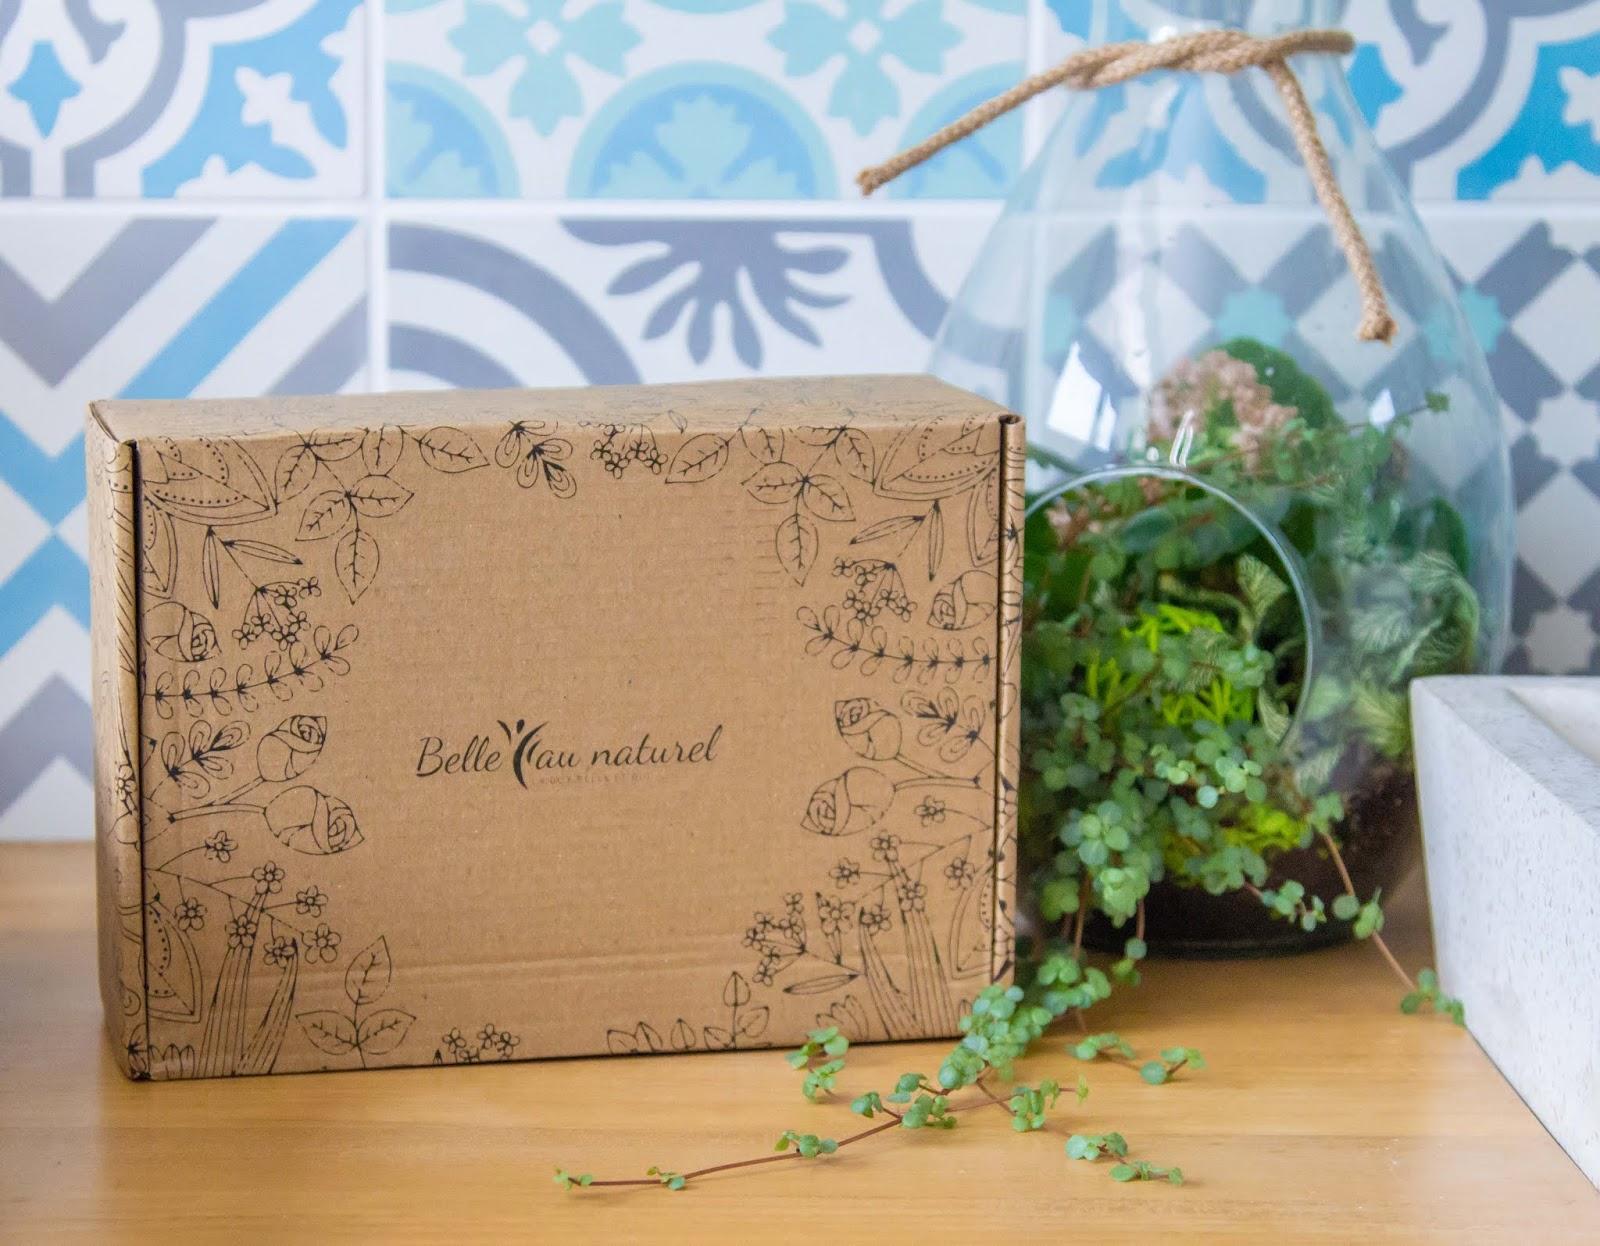 Instant Cocooning : la box Belle au Naturel de Novembre